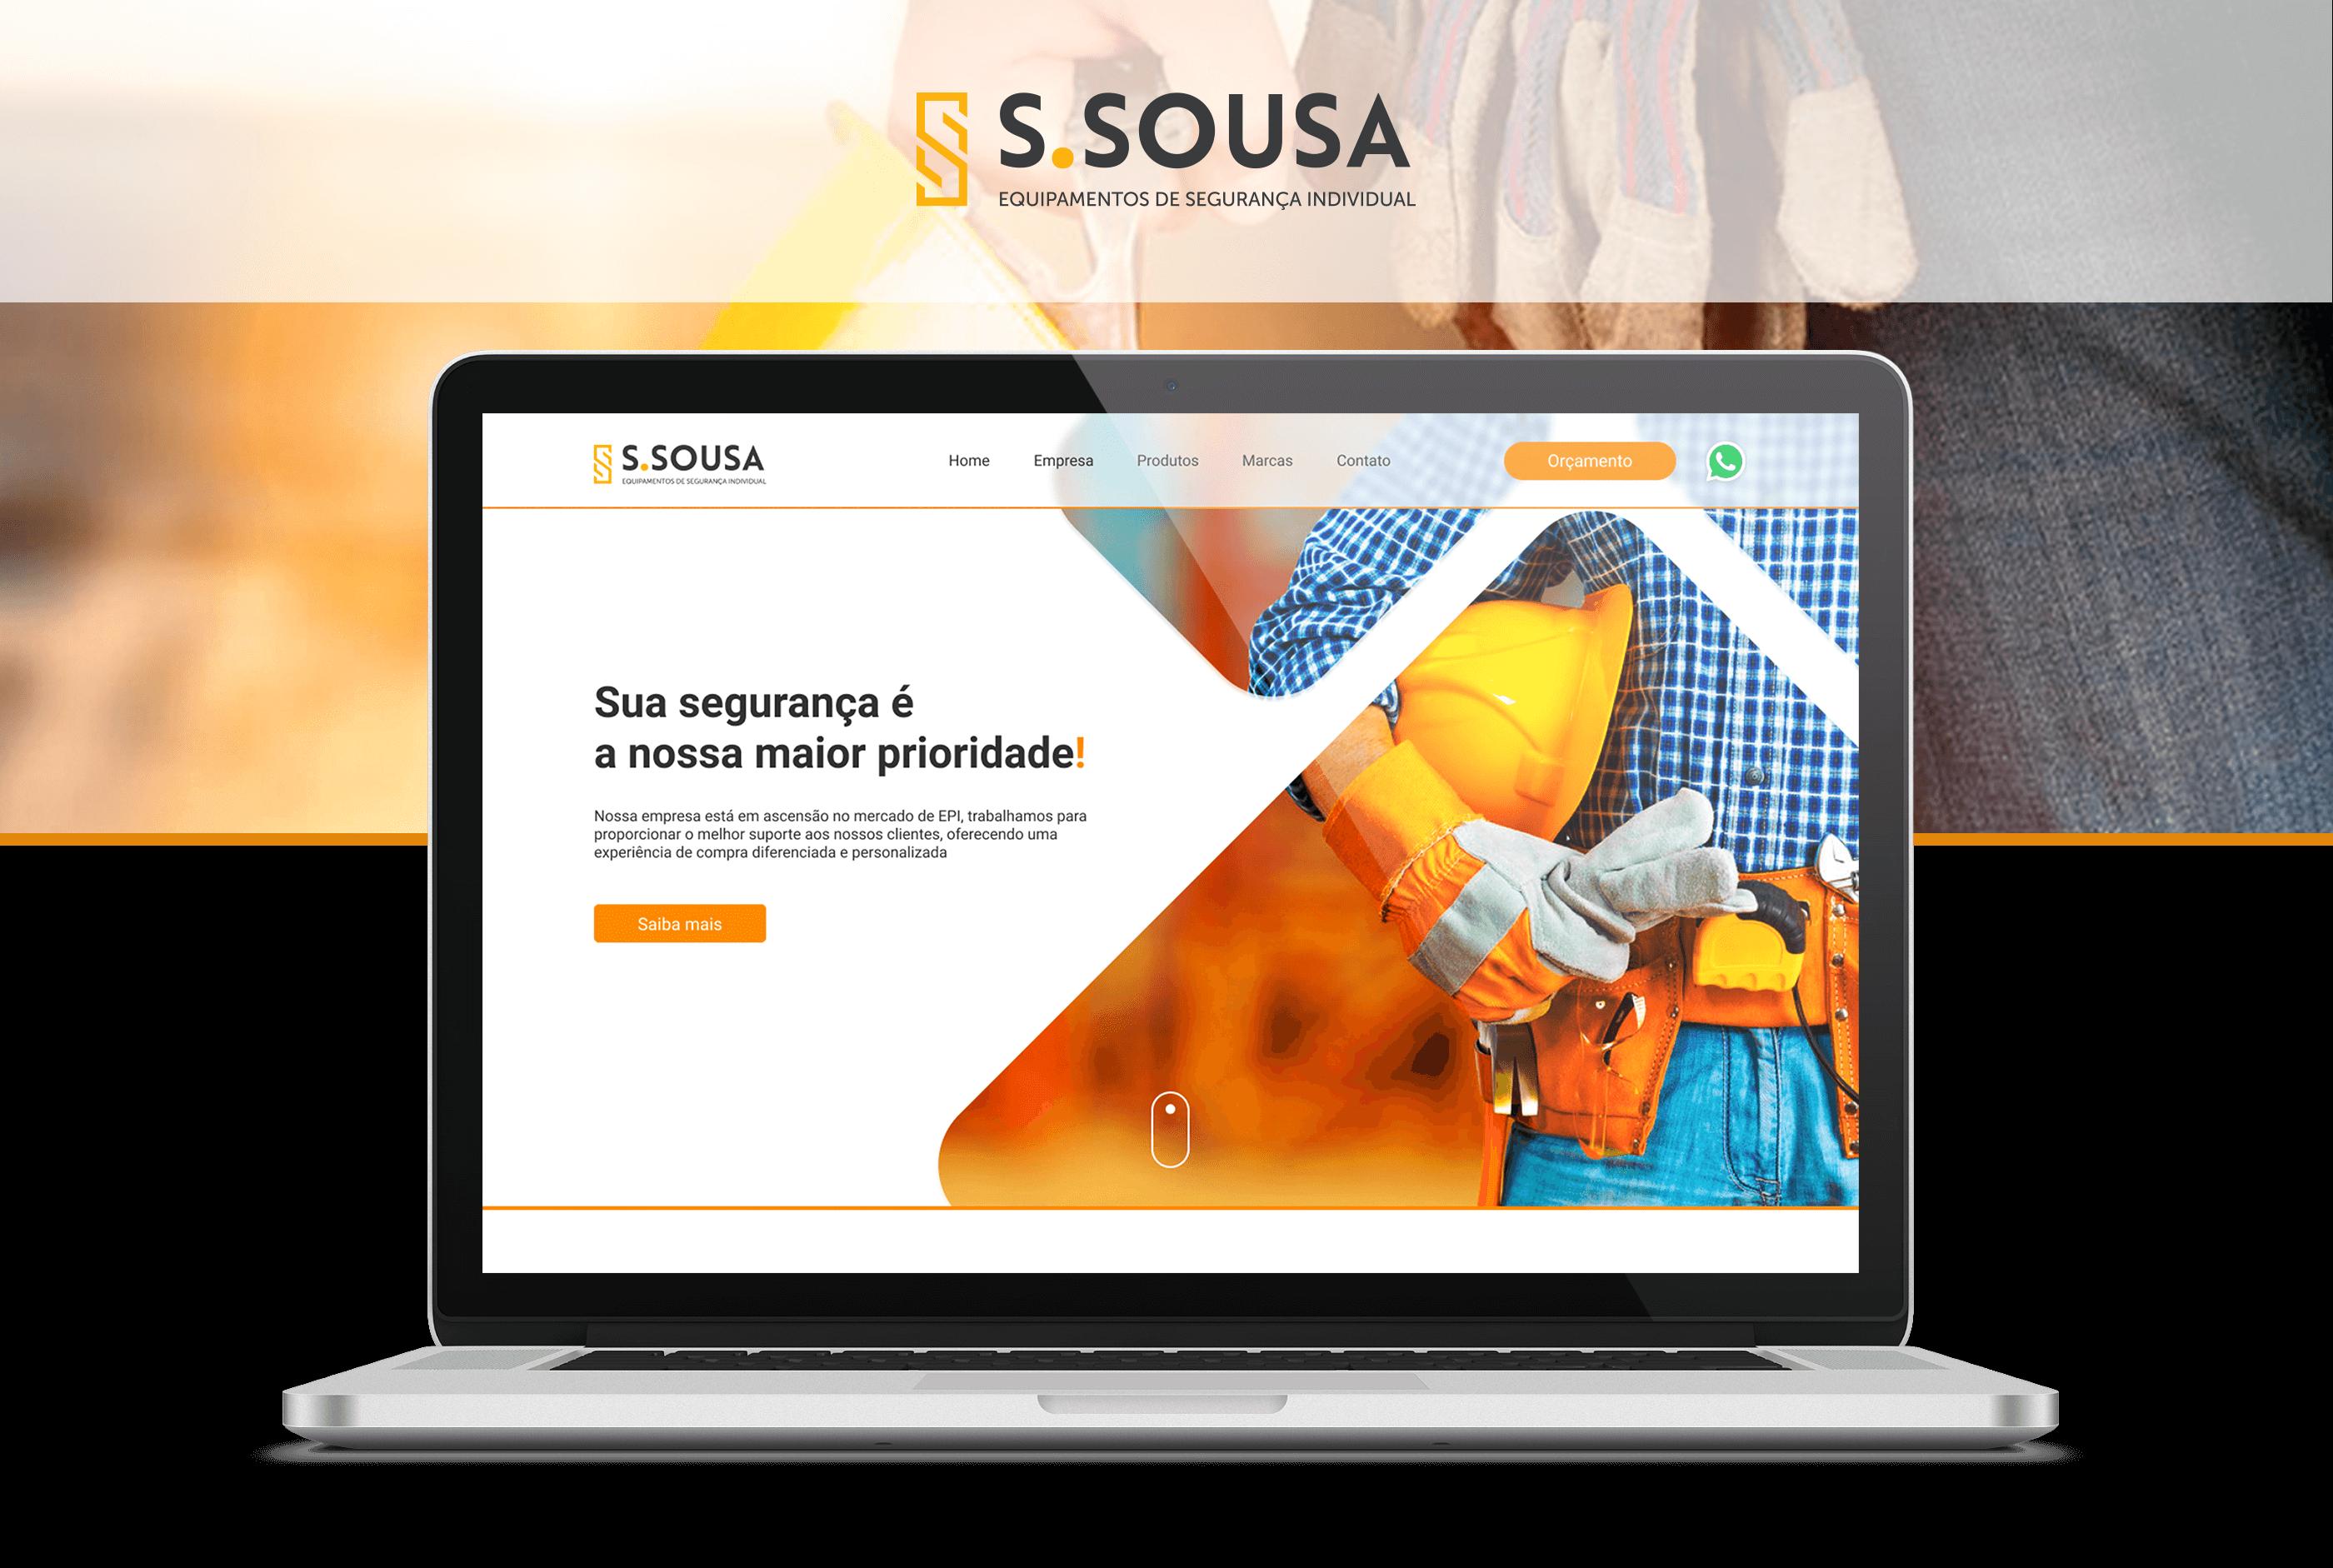 Projeto S Sousa - Goognet Solução Digital